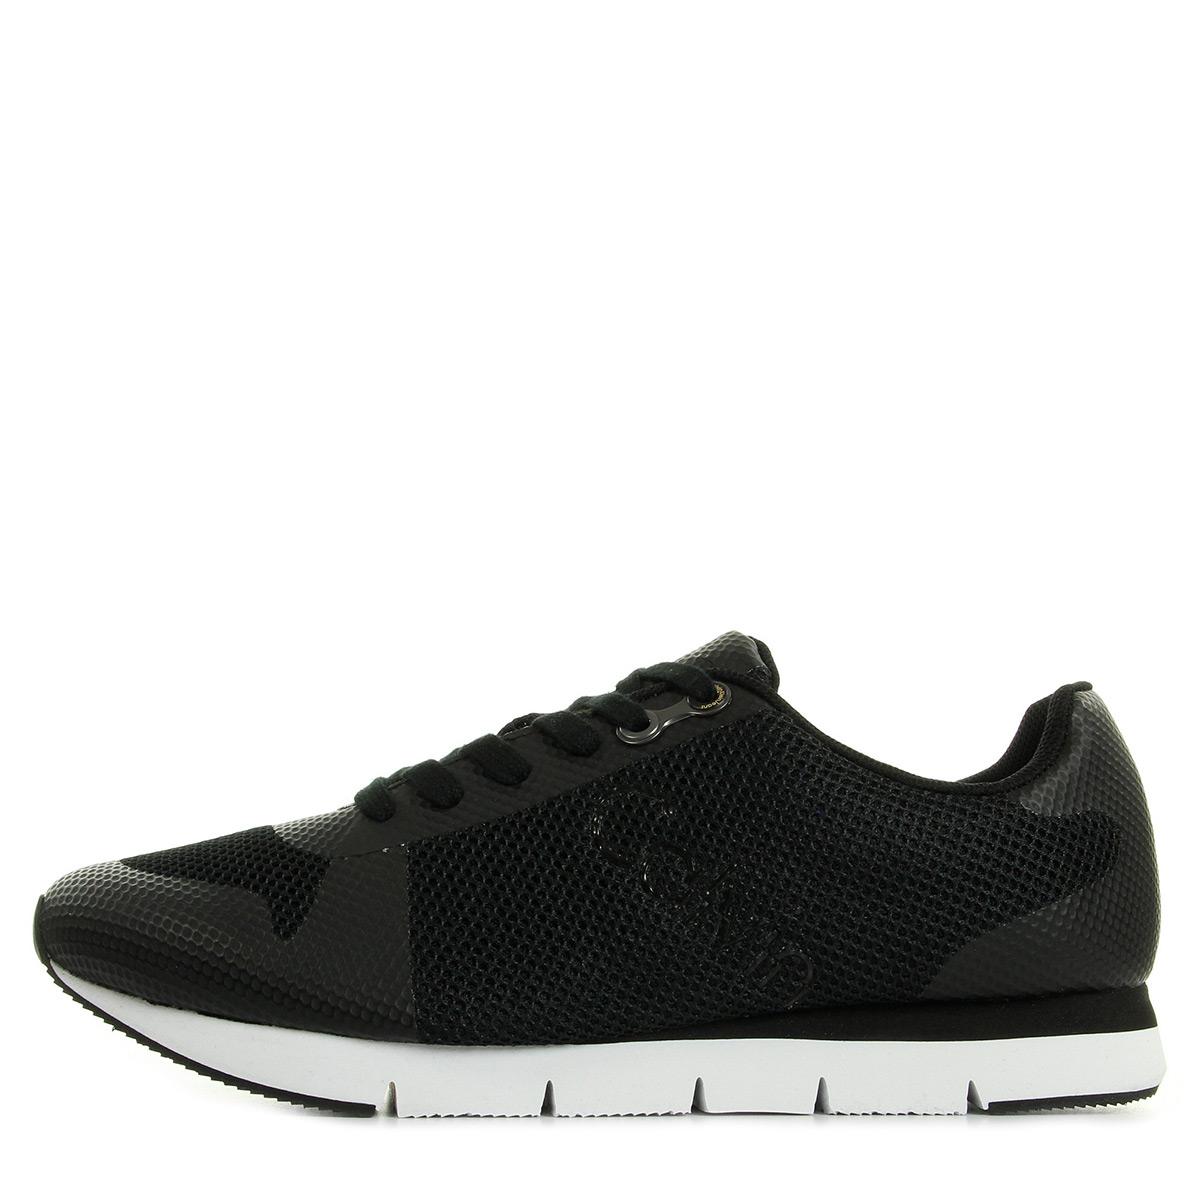 Chaussures Baskets Calvin Klein homme Jacques Kaki taille Noir Noire Textile